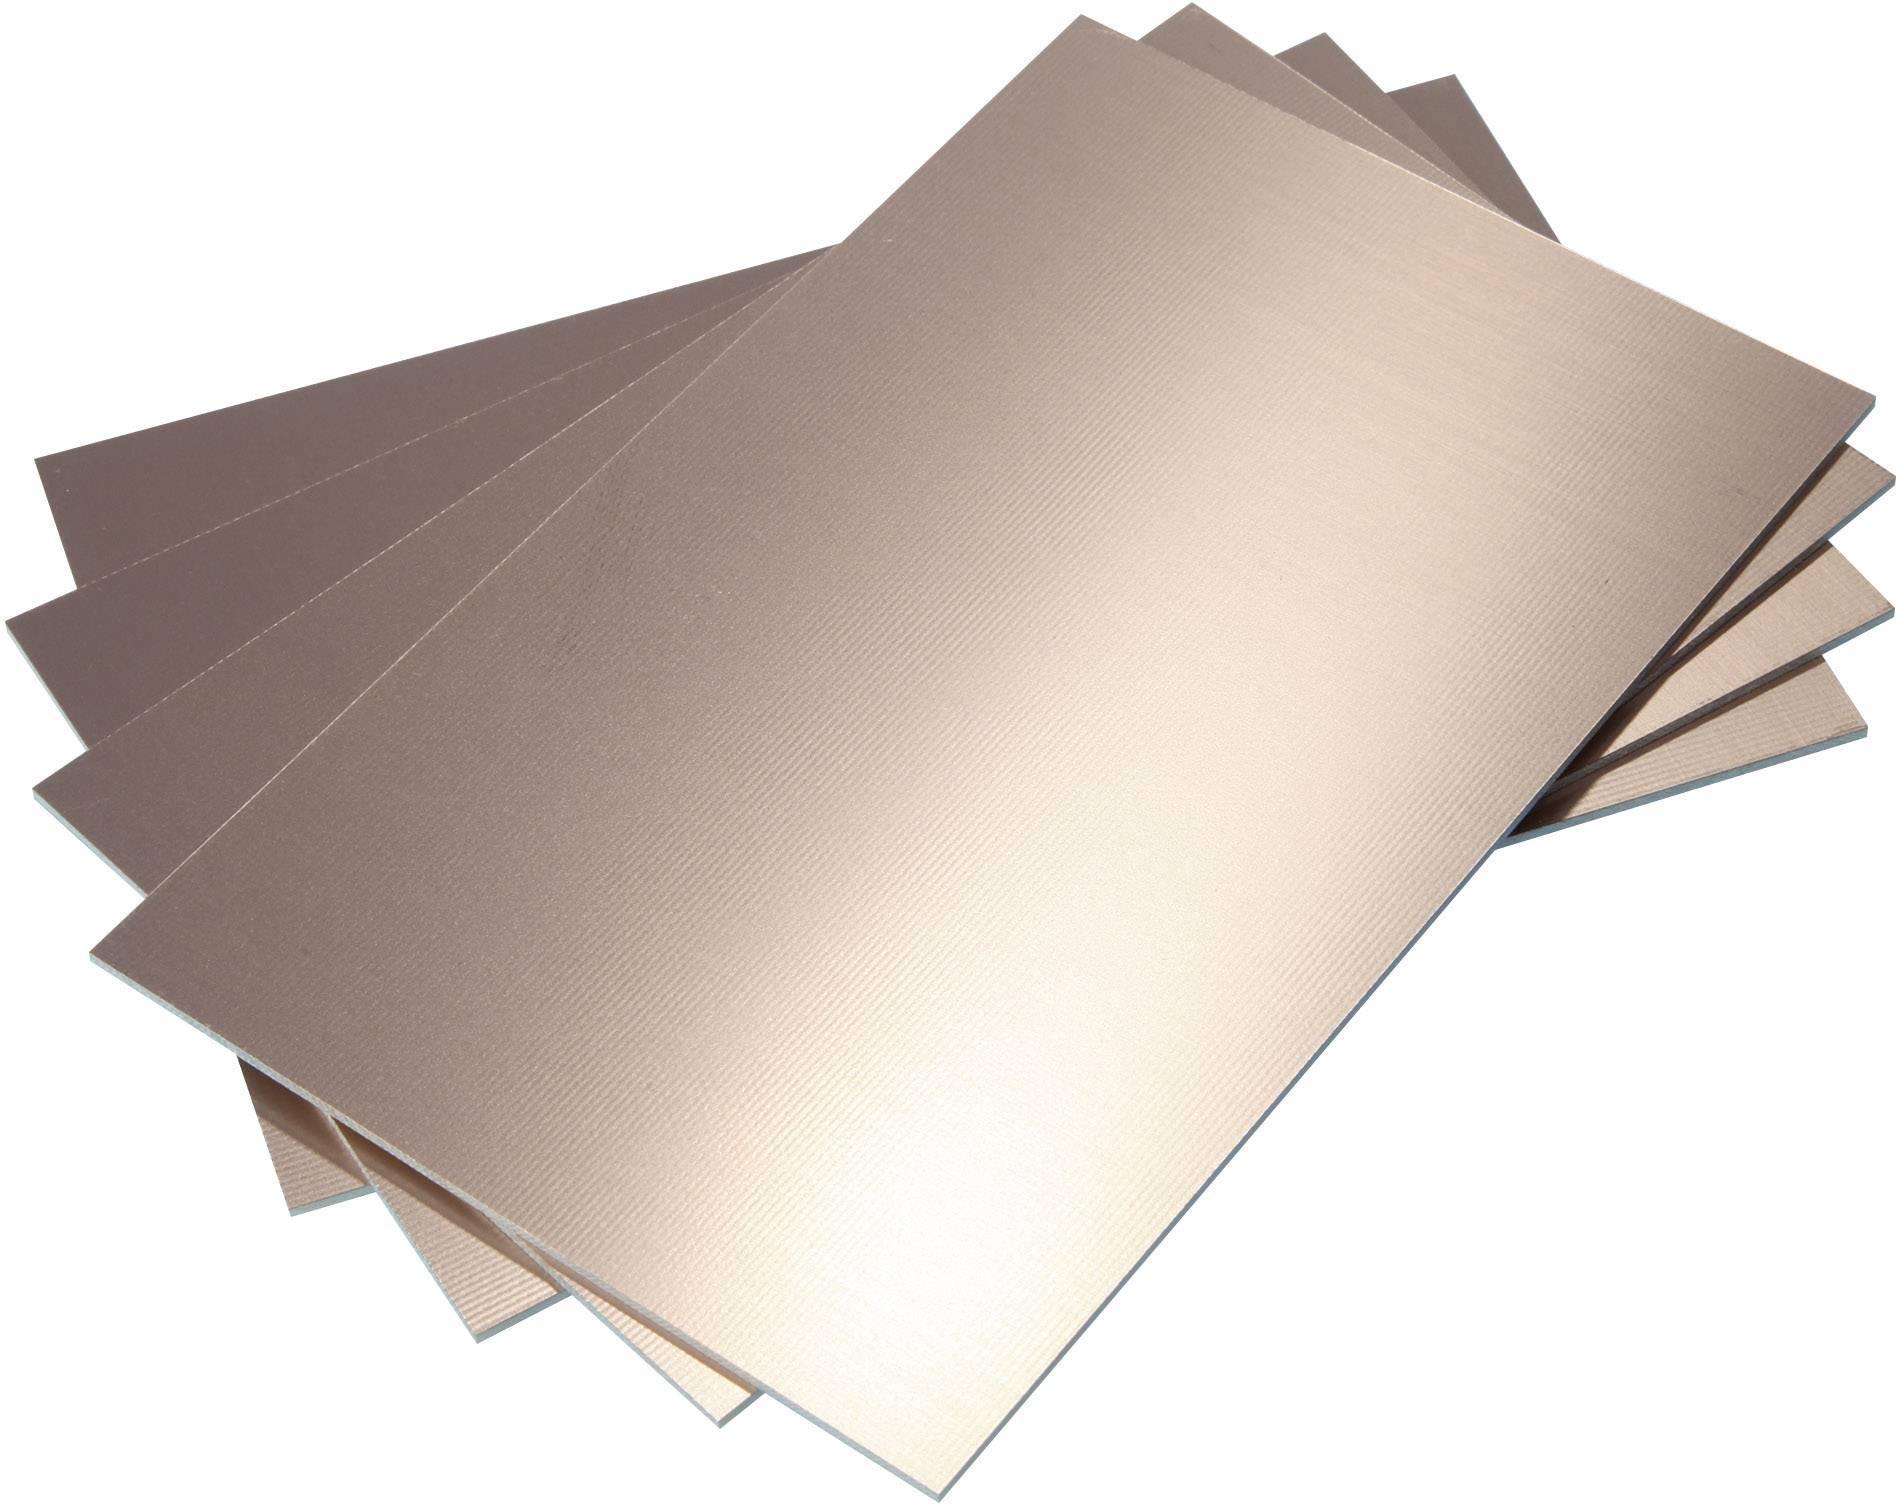 Epoxidová DPS Bungard 020306E70, 100 x 50 x 1,5 mm, jednostranná, epoxyd/měď 35 µm